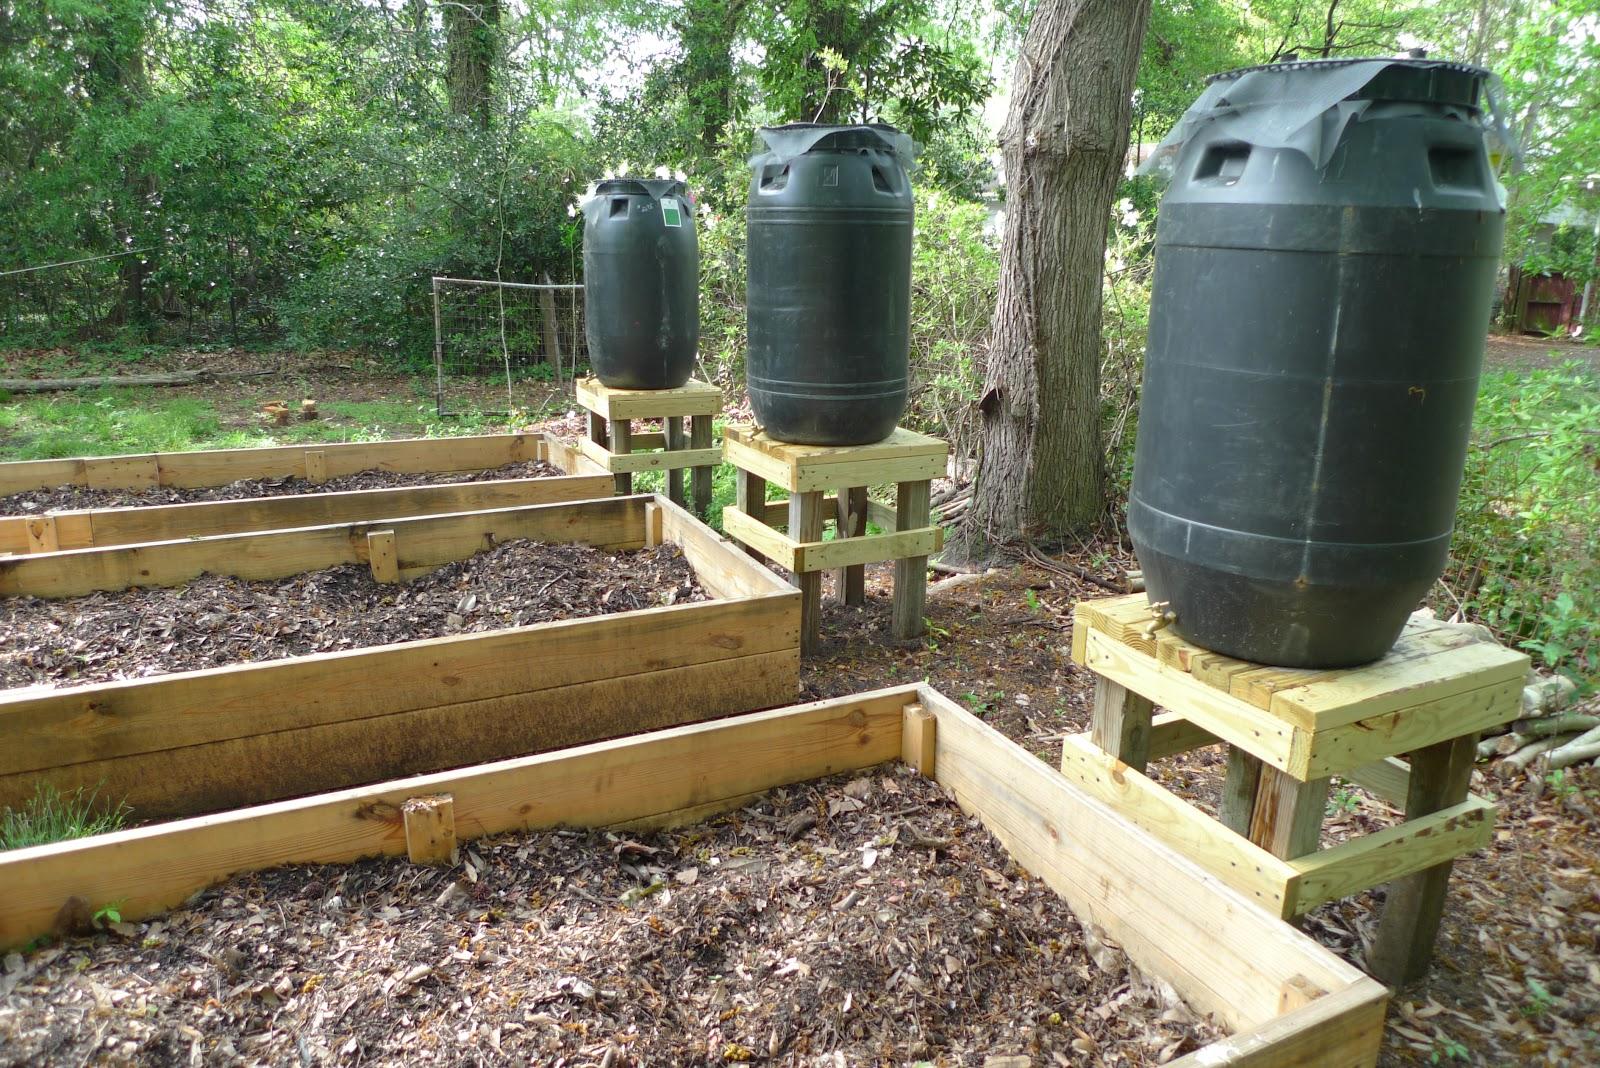 rain barrels collection for gardening prepper days. Black Bedroom Furniture Sets. Home Design Ideas